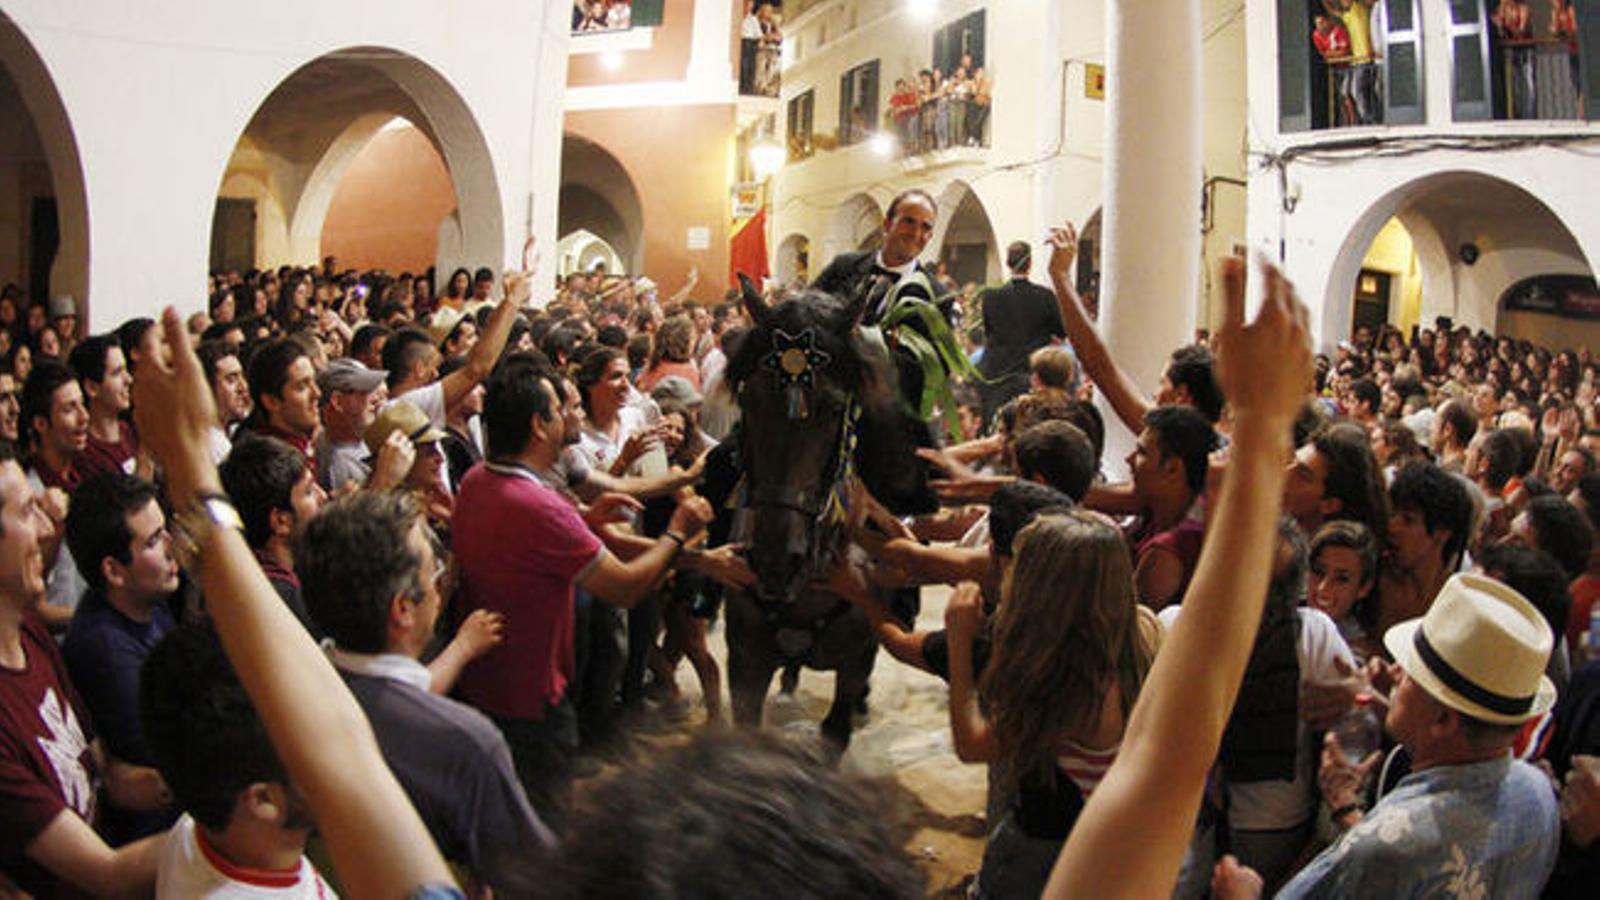 Les festes de Menorca es prendran aquest estiu un descans obligat a causa del coronavirus.